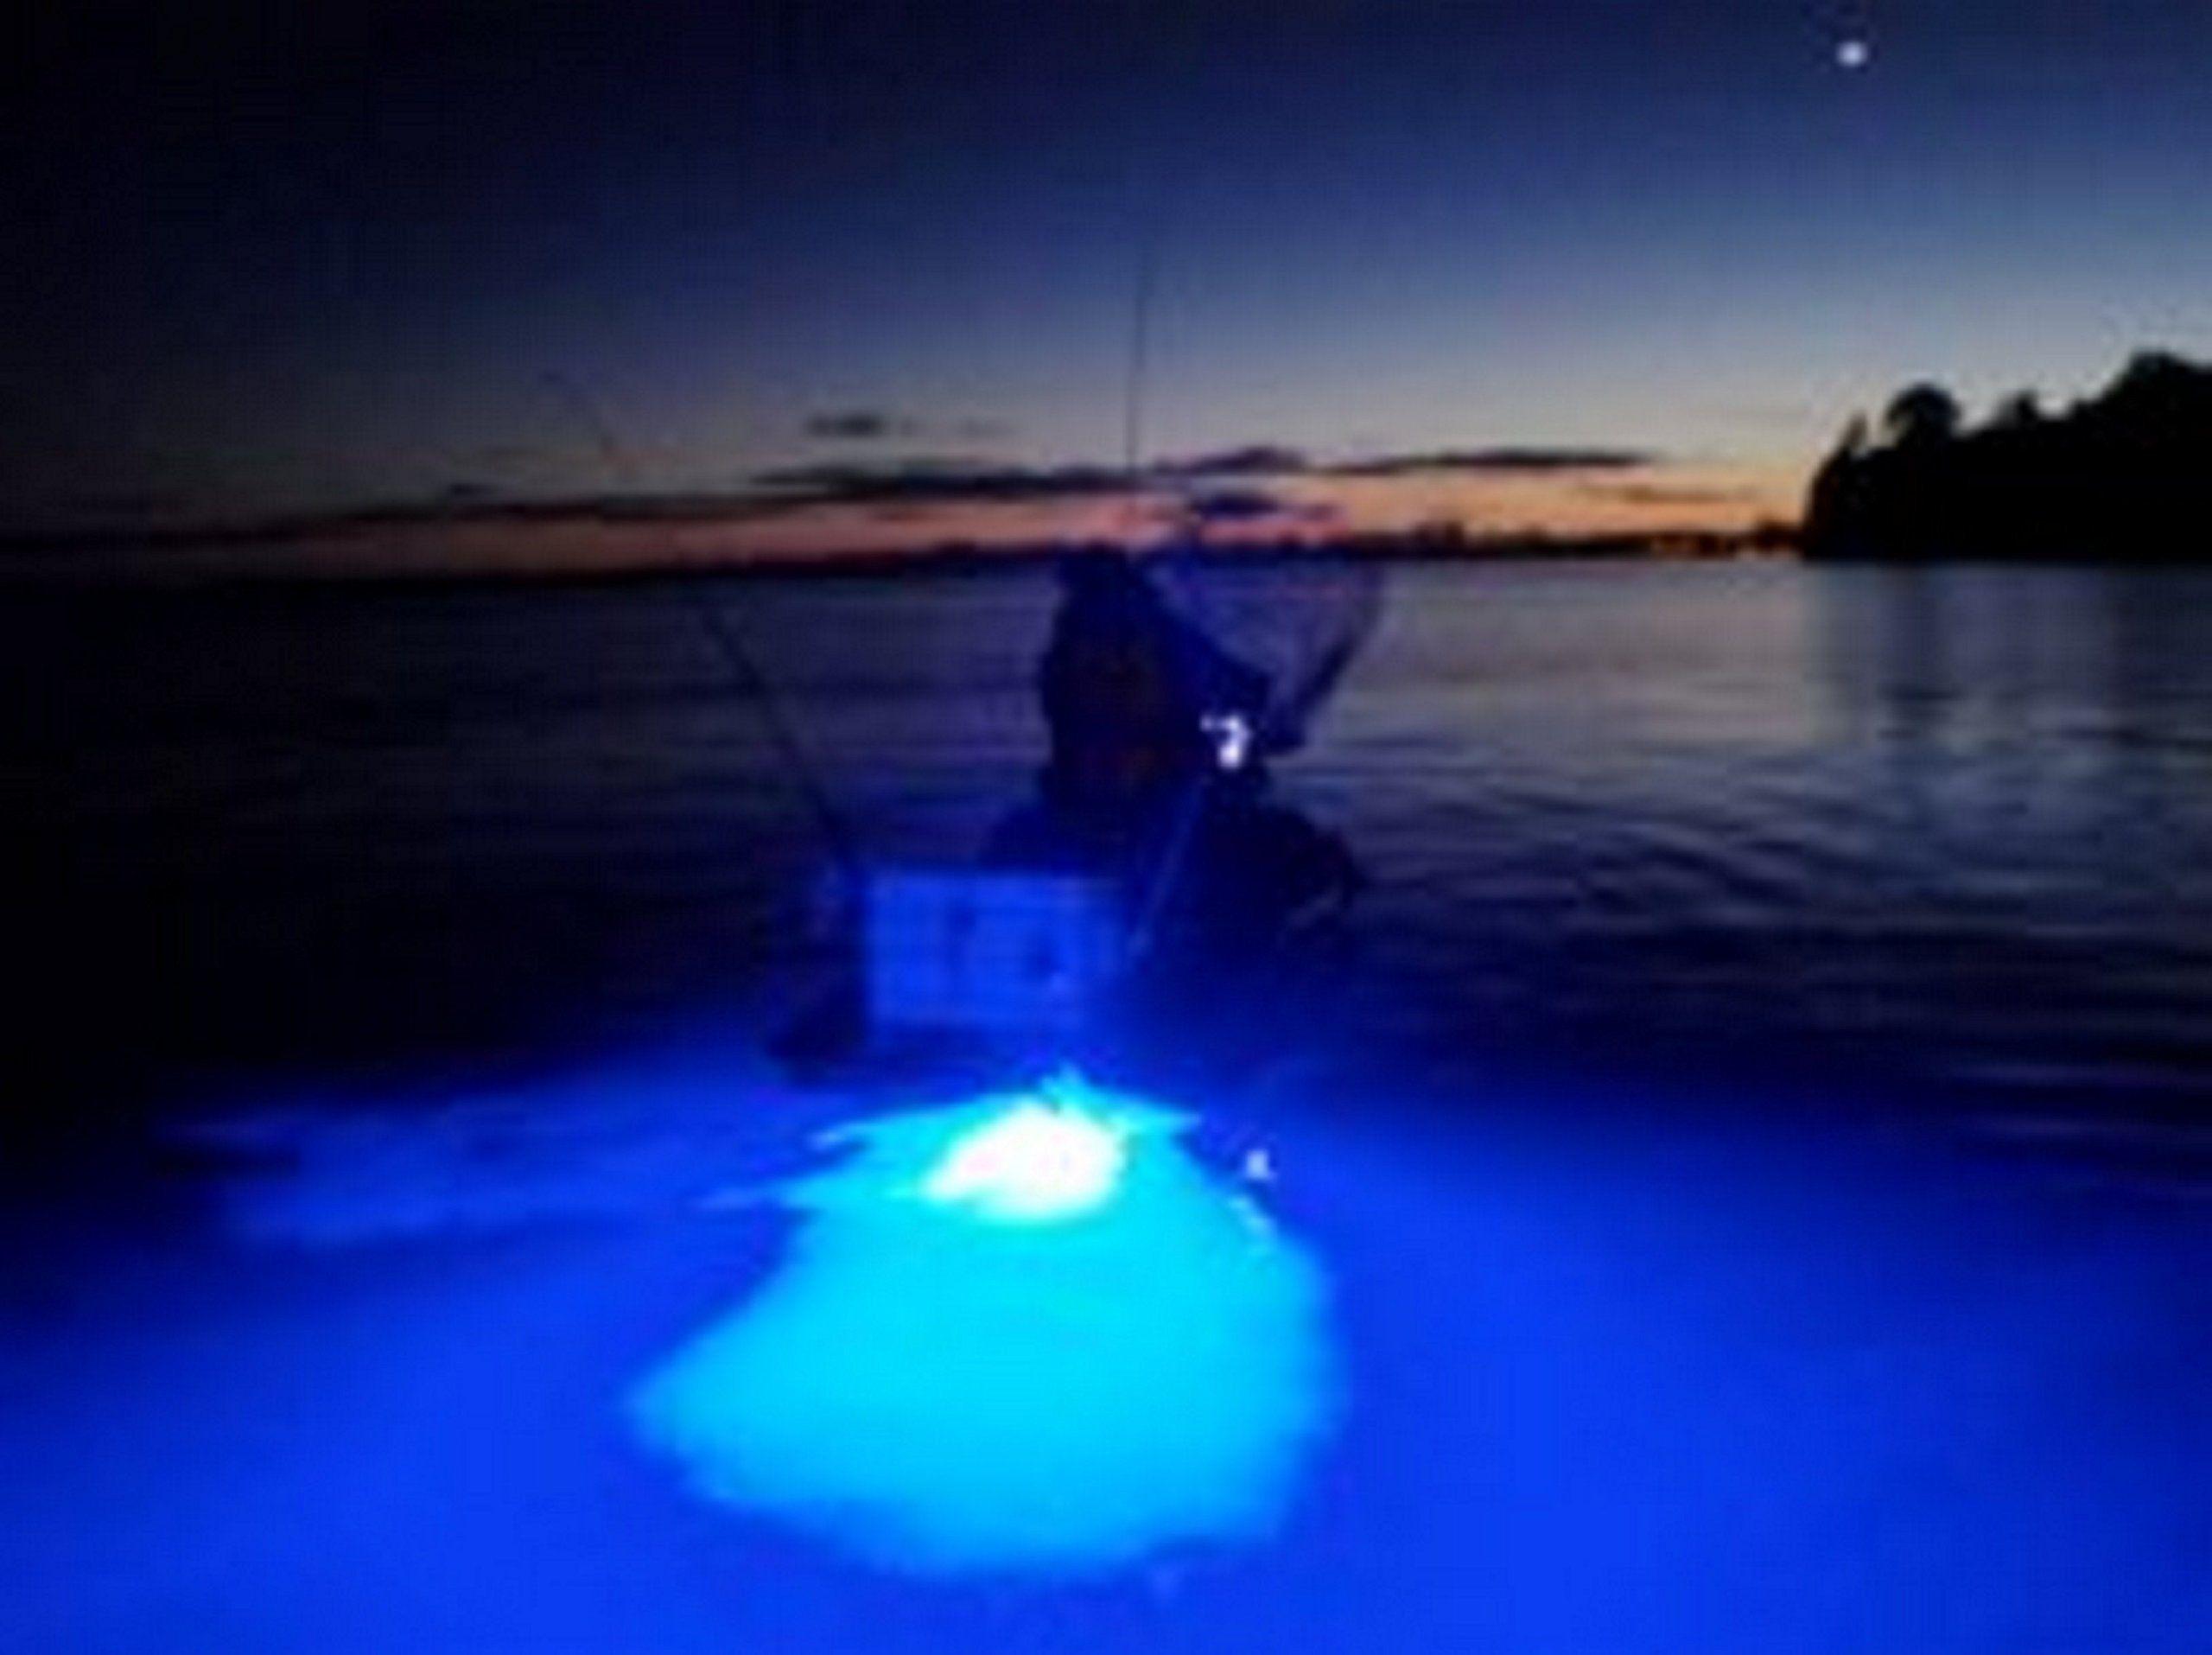 4x Blue Led Boat Light Waterproof 12v Deck Storage Kayak Bow